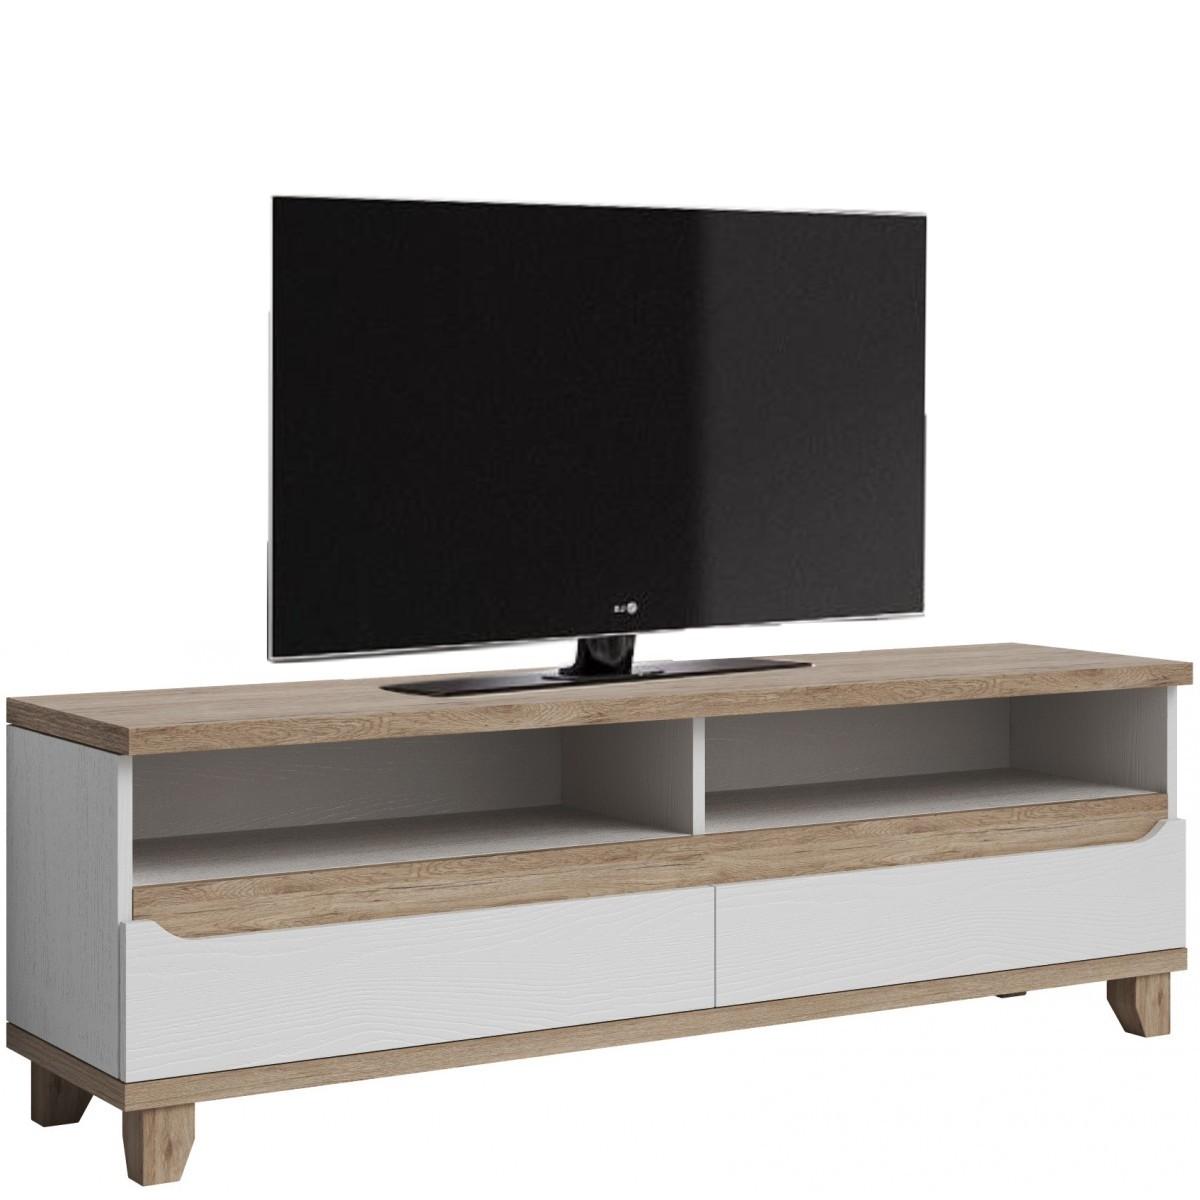 meuble tv contemporain 170 cm avec 2 niches et 2 tiroirs coloris chene et blanc melanie